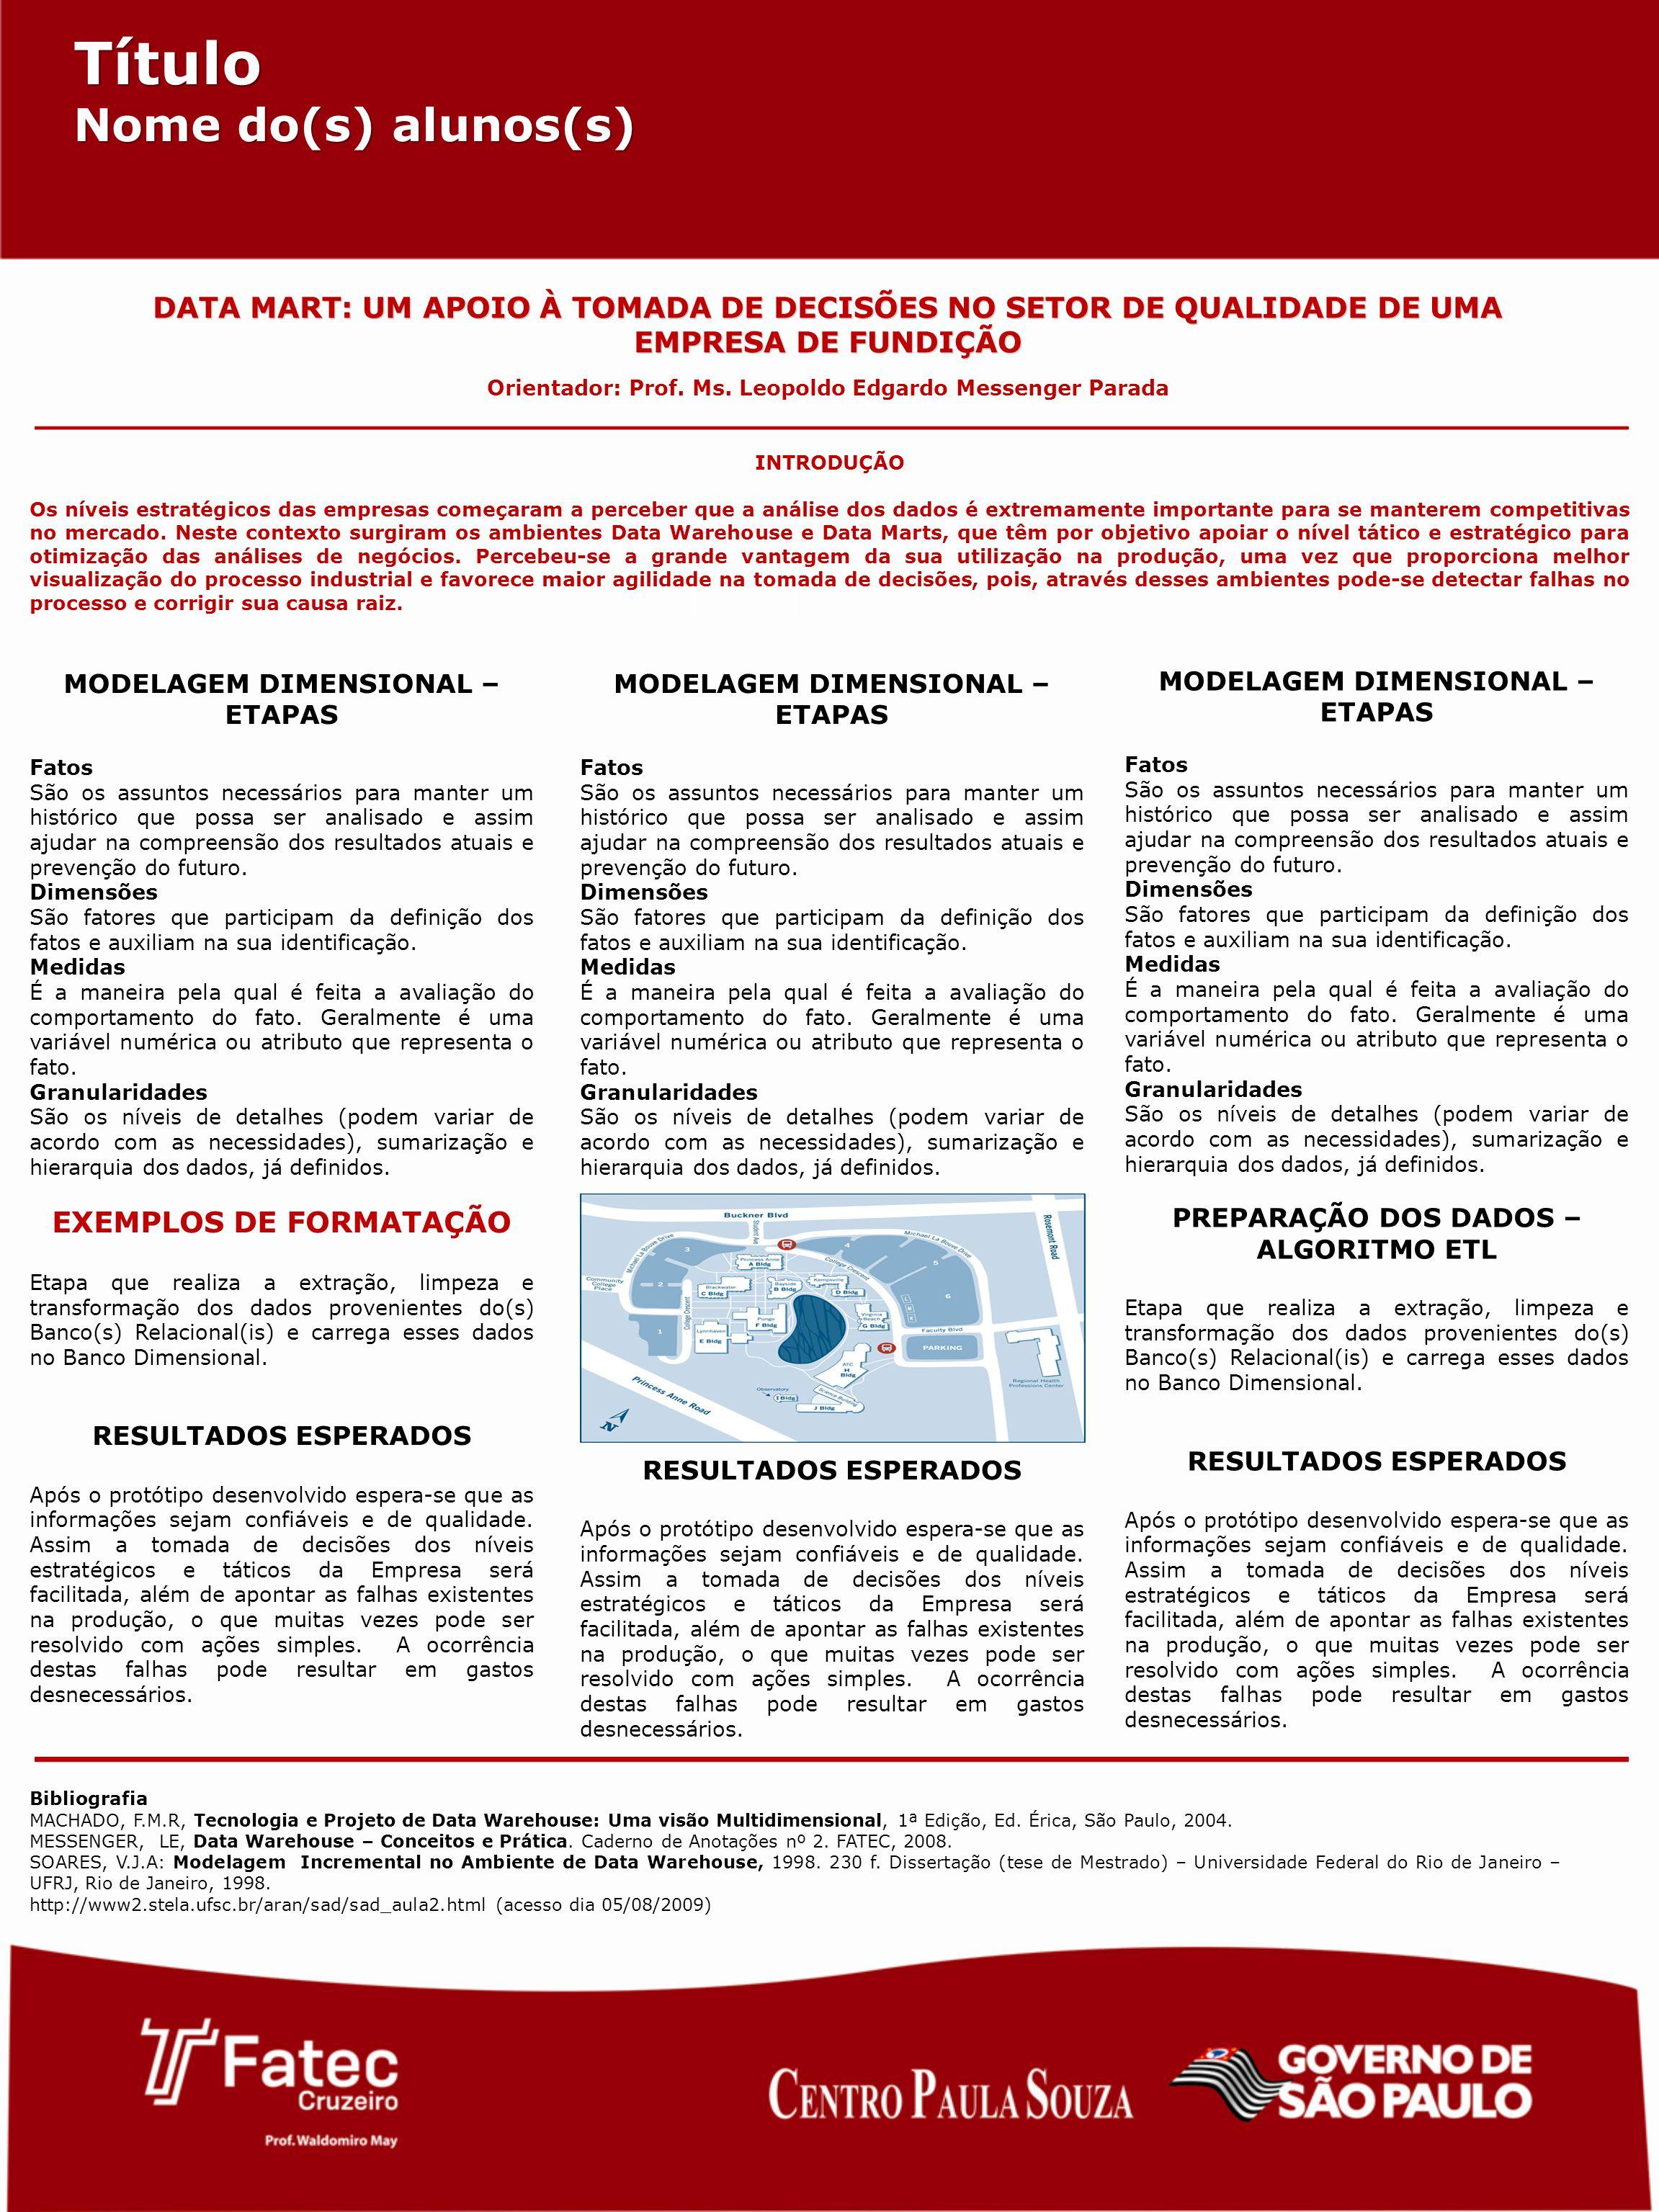 DATA MART: UM APOIO À TOMADA DE DECISÕES NO SETOR DE QUALIDADE DE UMA EMPRESA DE FUNDIÇÃO Orientador: Prof. Ms. Leopoldo Edgardo Messenger Parada INTR